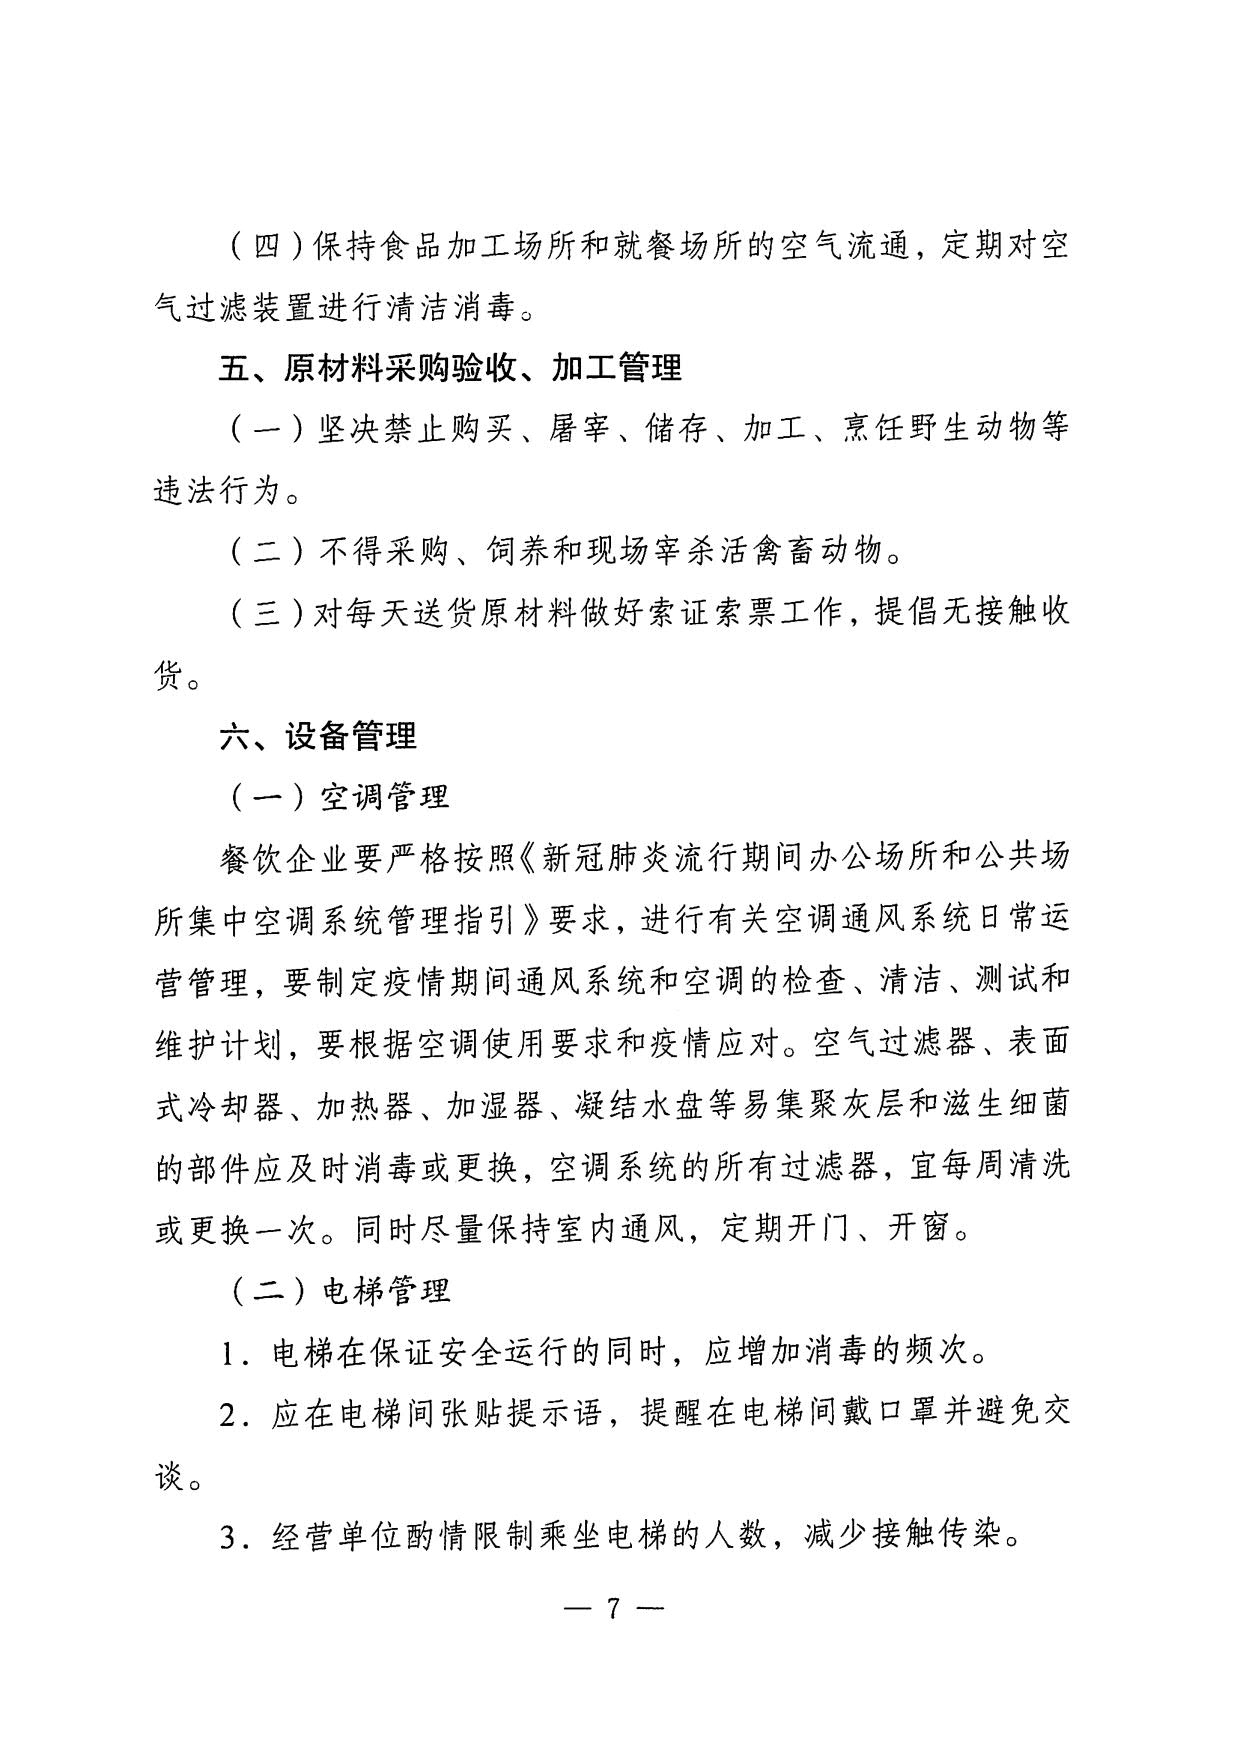 关于疫情防控期间餐饮经营单位恢复堂食服务的通告(第5号)_07.jpg